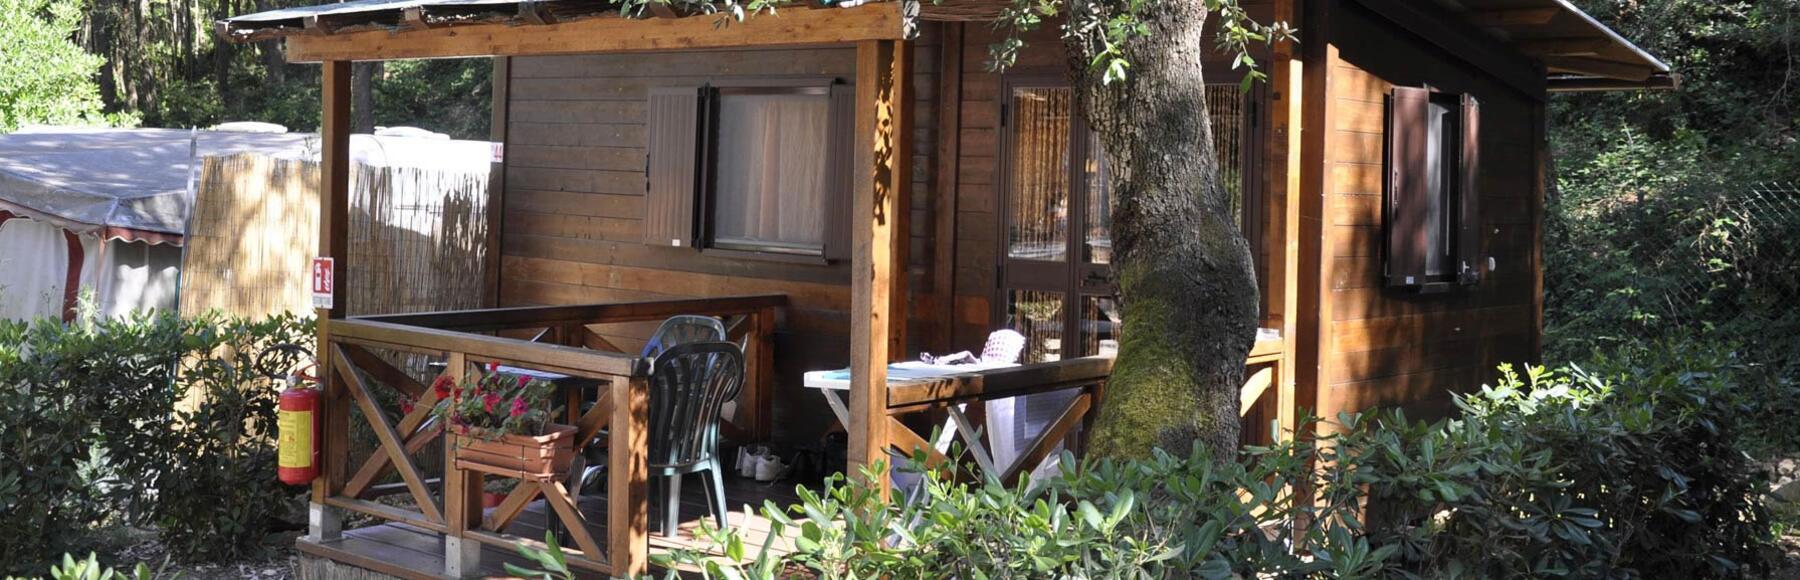 elbadoc-campingvillage it mandriola 006